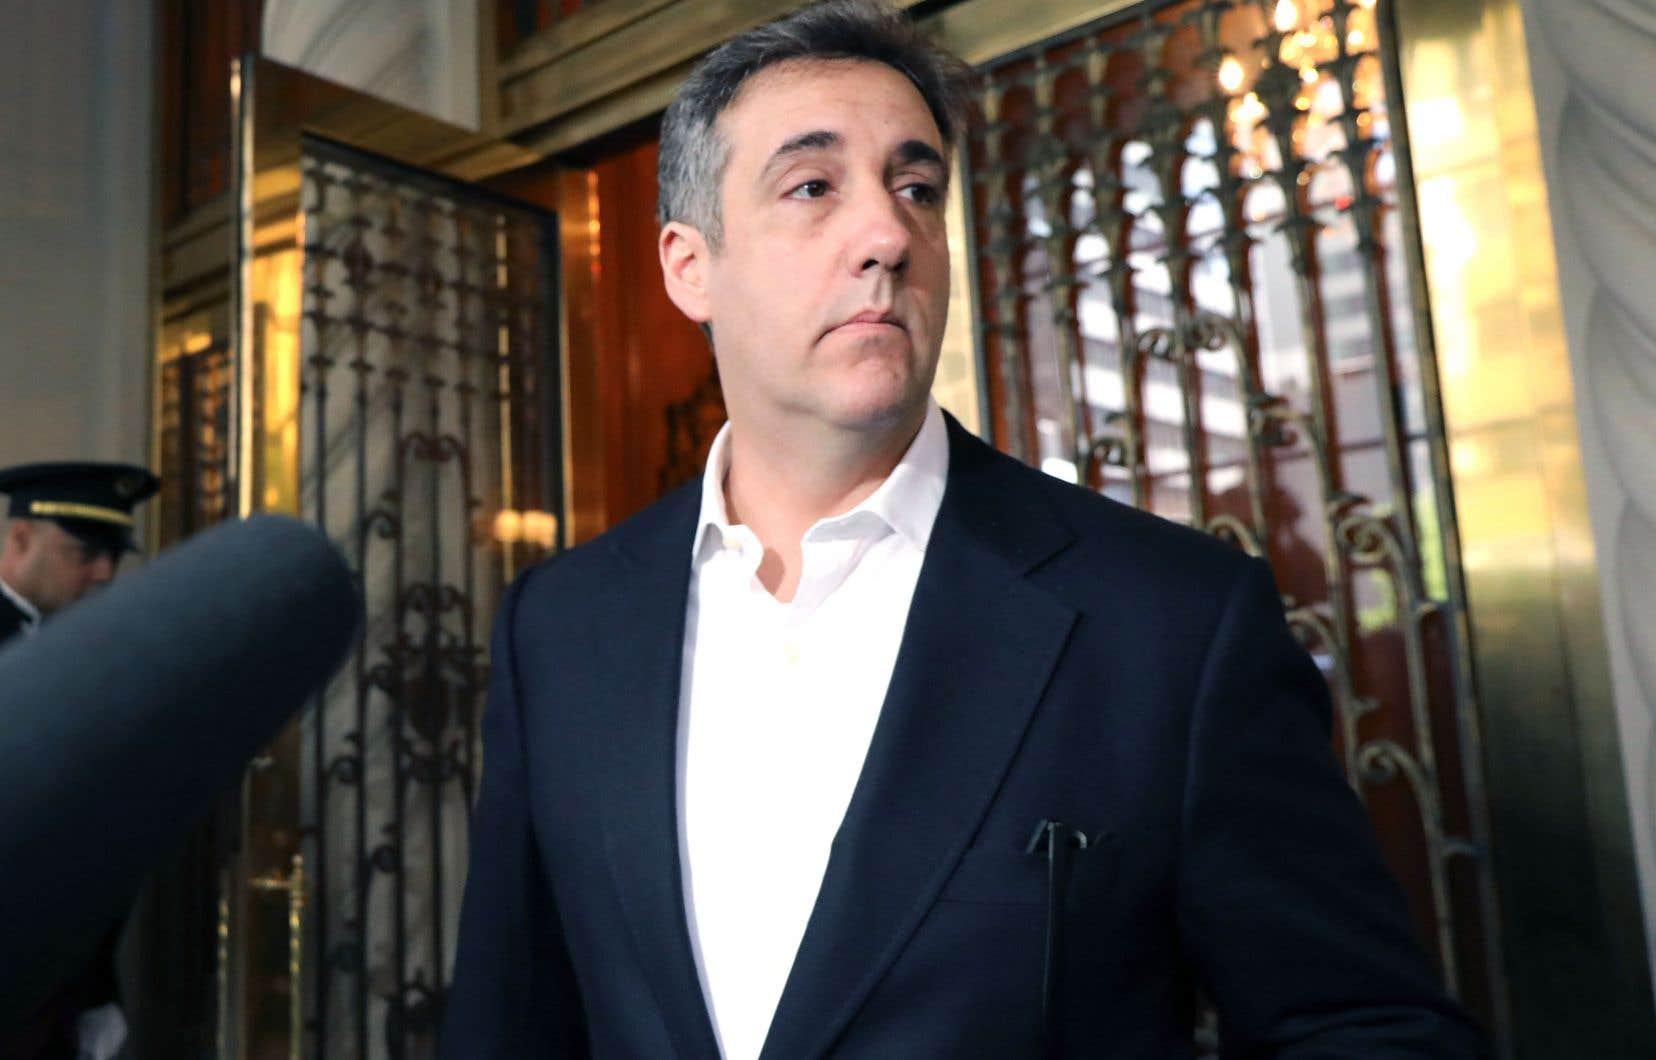 Michael Cohen n'a pas dit son dernier mot: il a évoqué devant le Congrès la possibilité d'écrire un livre et de faire adapter ses expériences à l'écran.